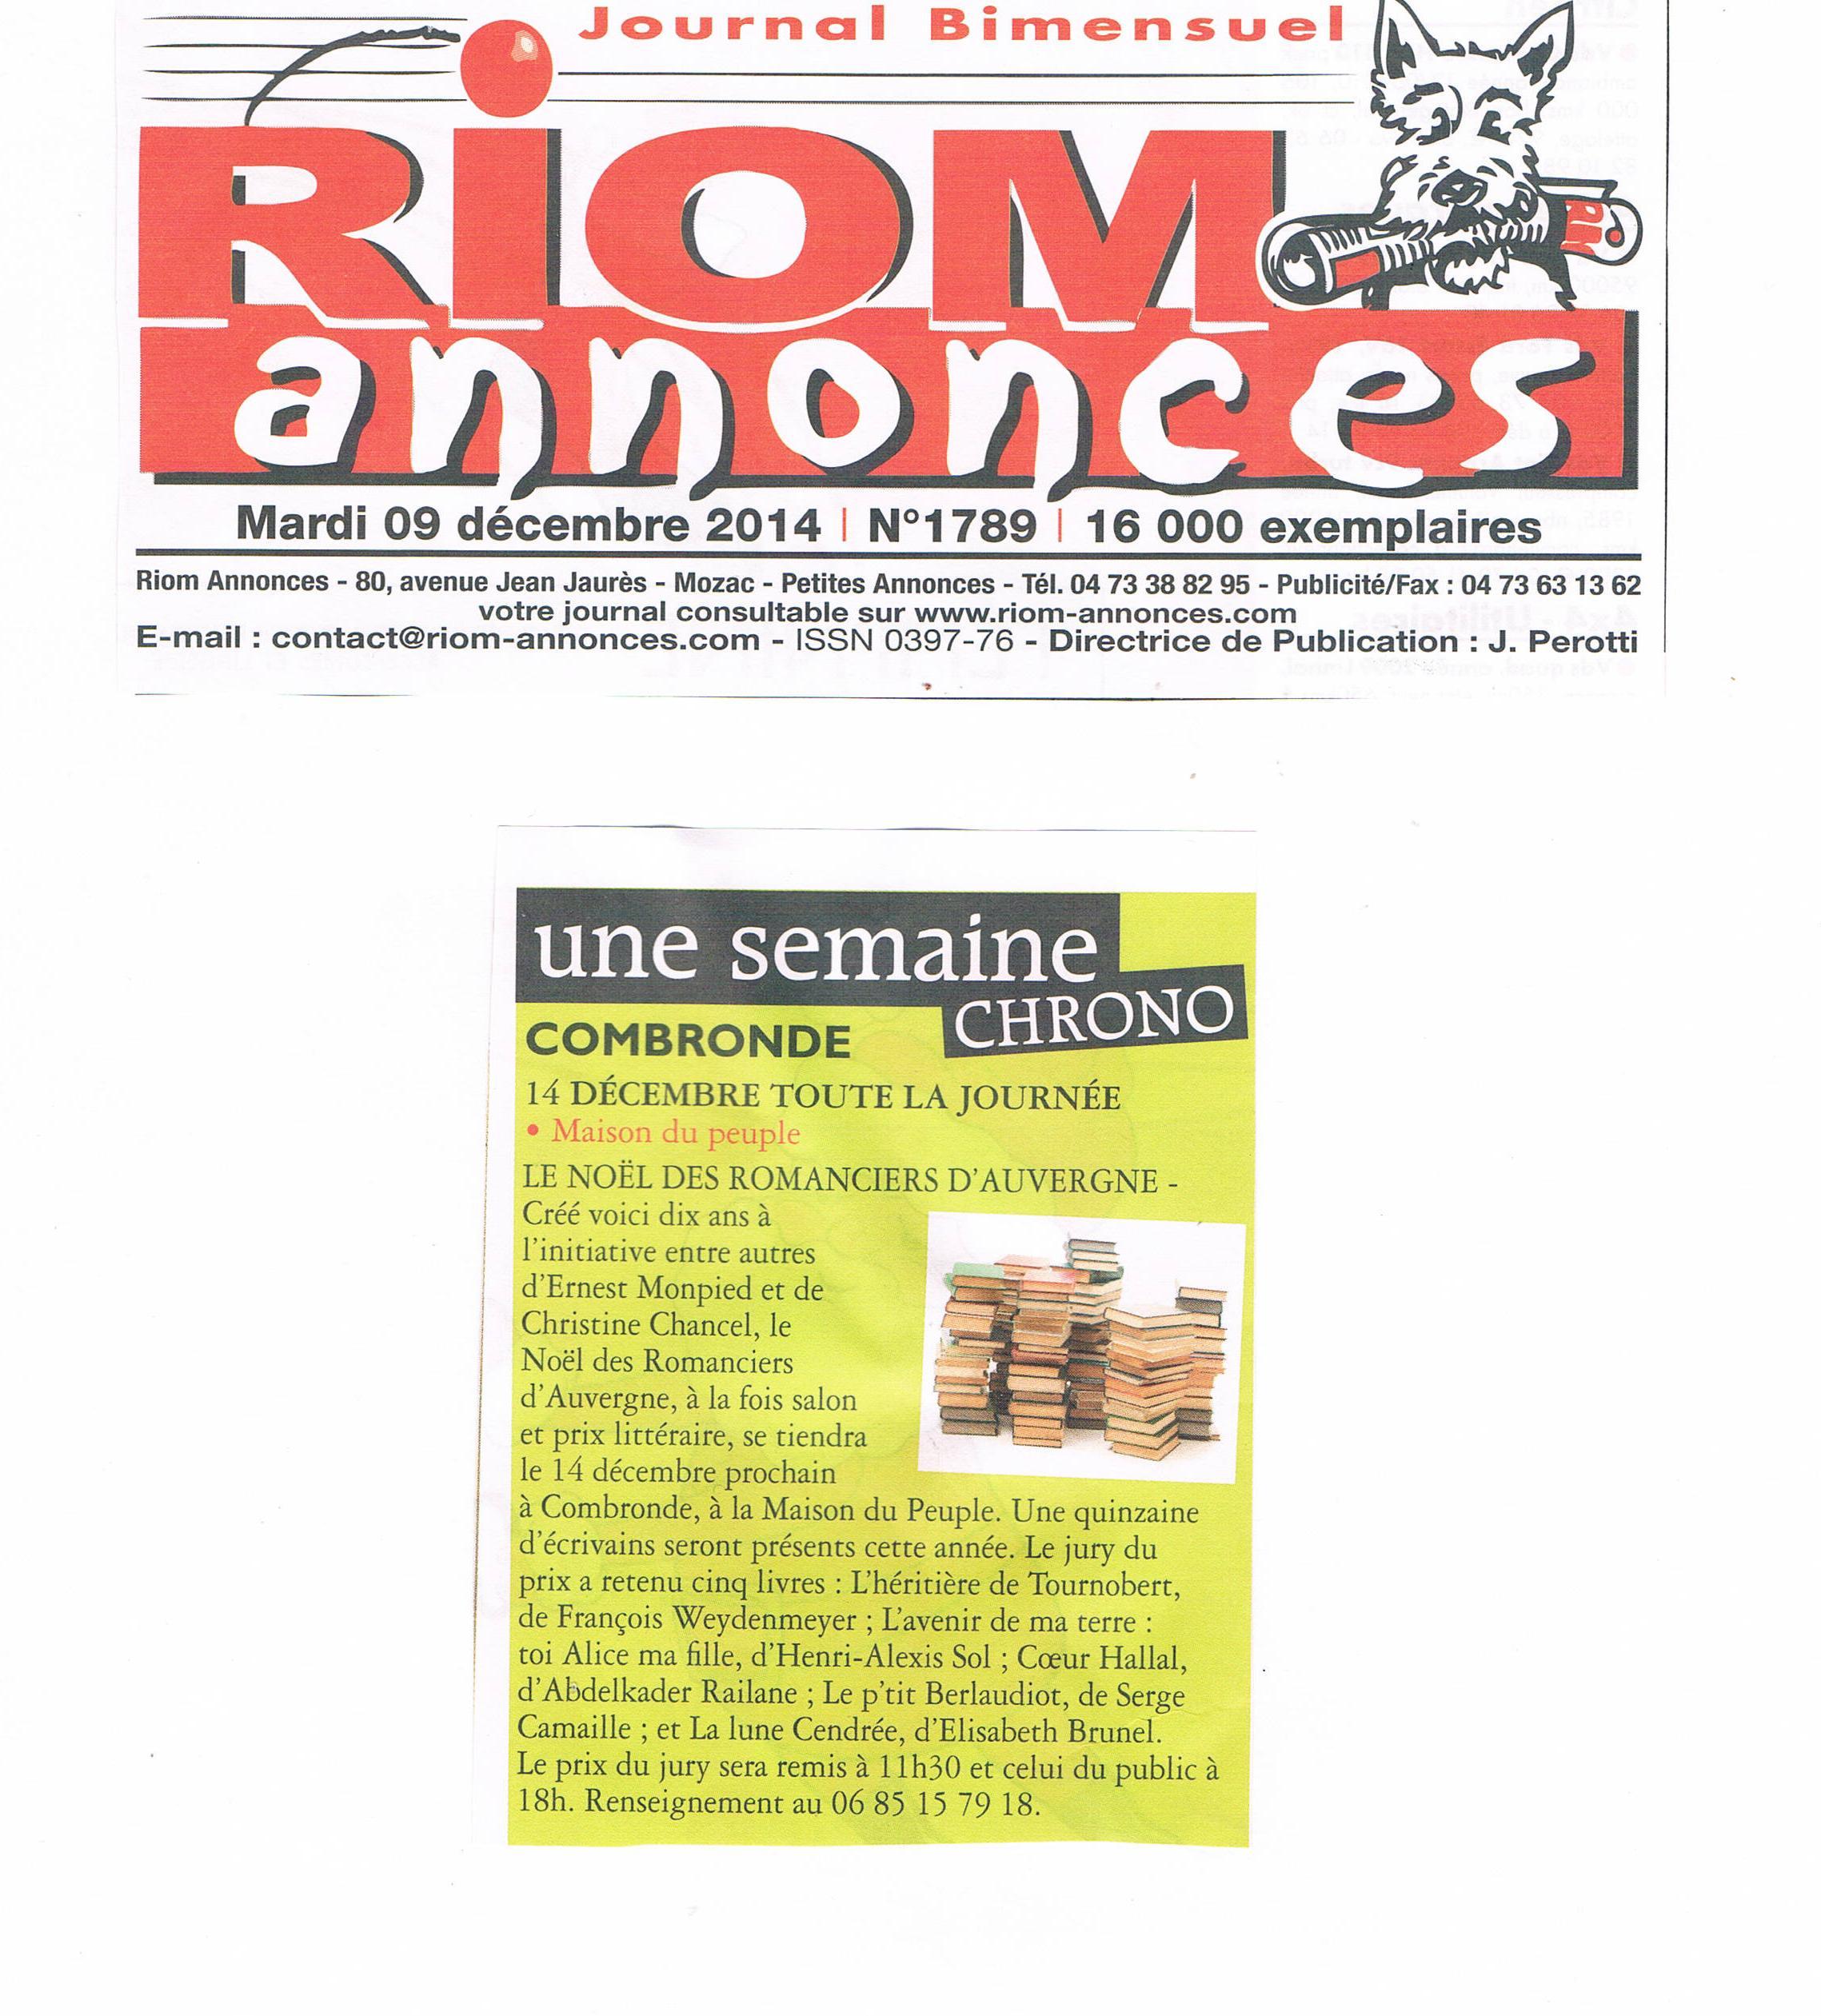 9.12 Riom annonces